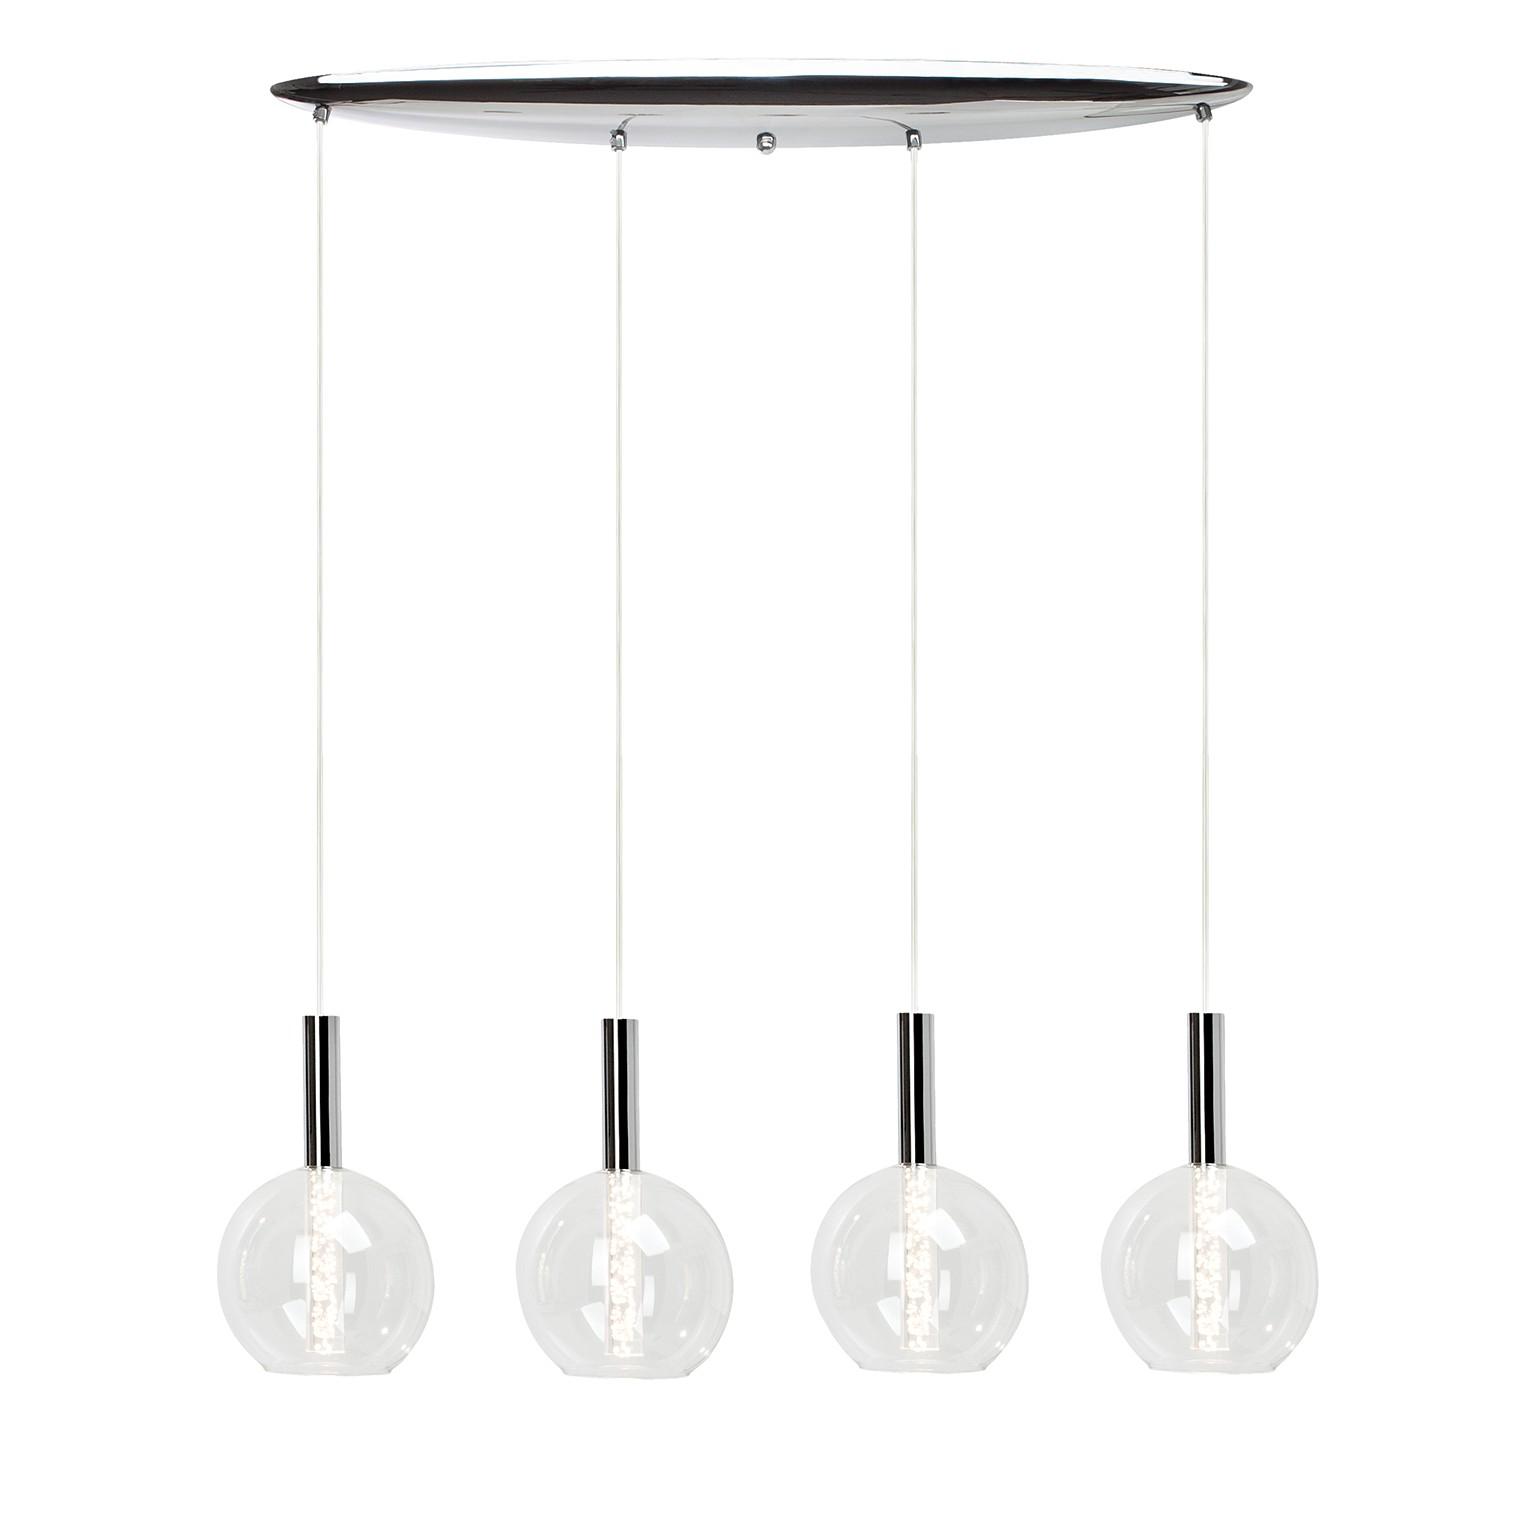 Lampen Kaufen Elegant Led Glhfaden Kaufen Oder Glhlampen: LED-Pendelleuchte Elegant 4-flammig Metall Silber